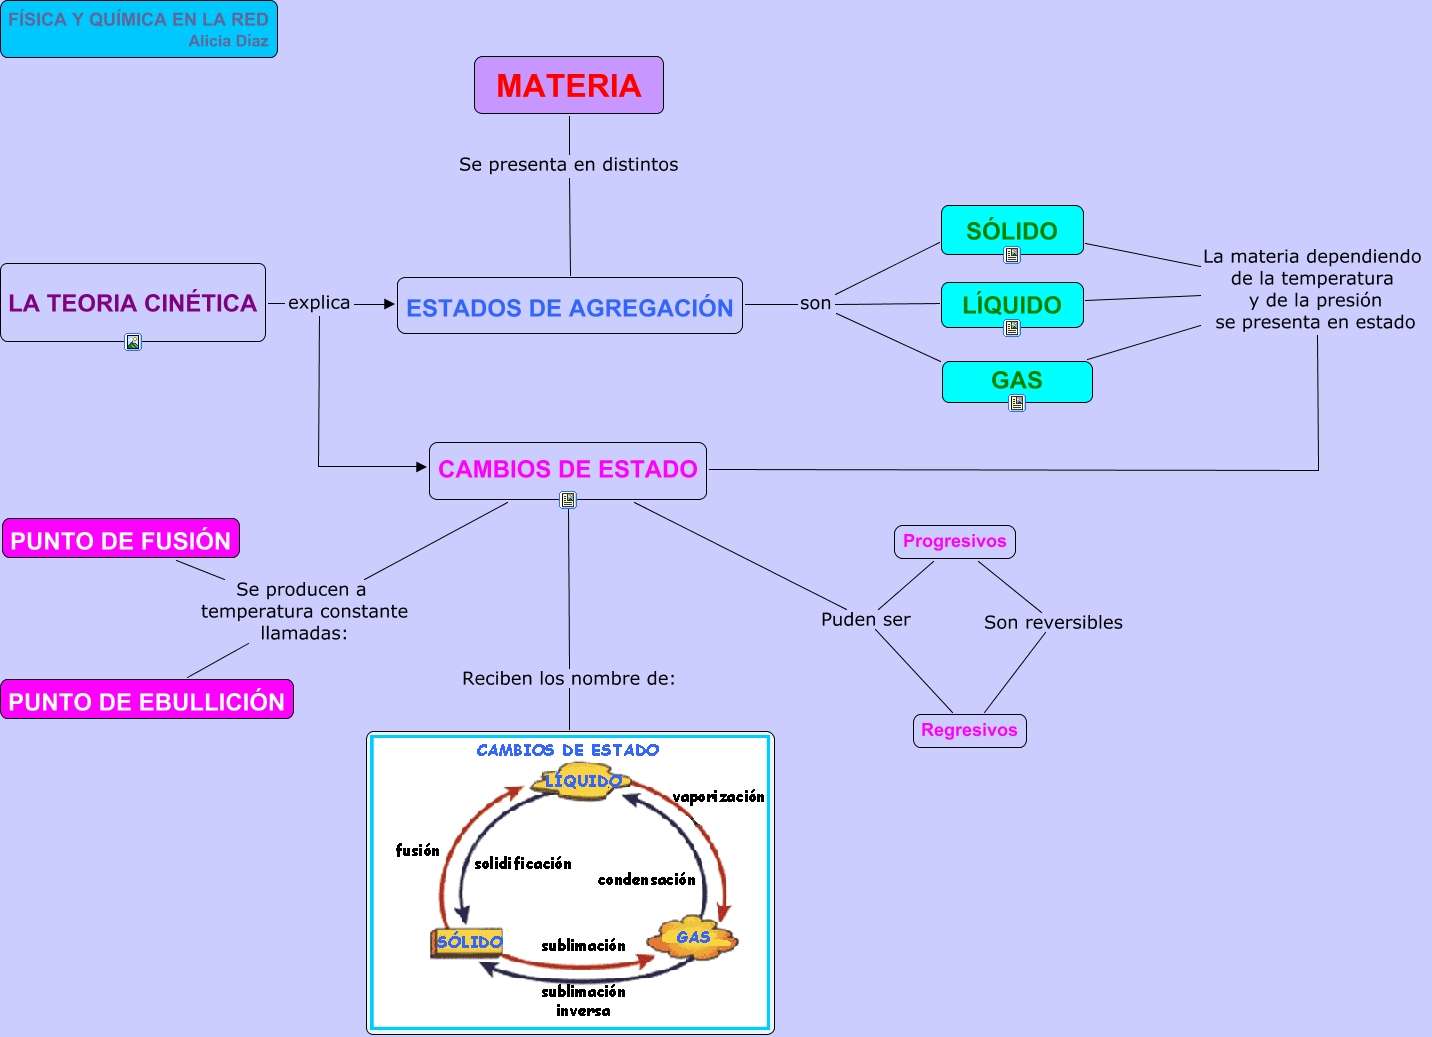 Mapa conceptual estados de agregaci n de la materia for Modelo solido con guijarros